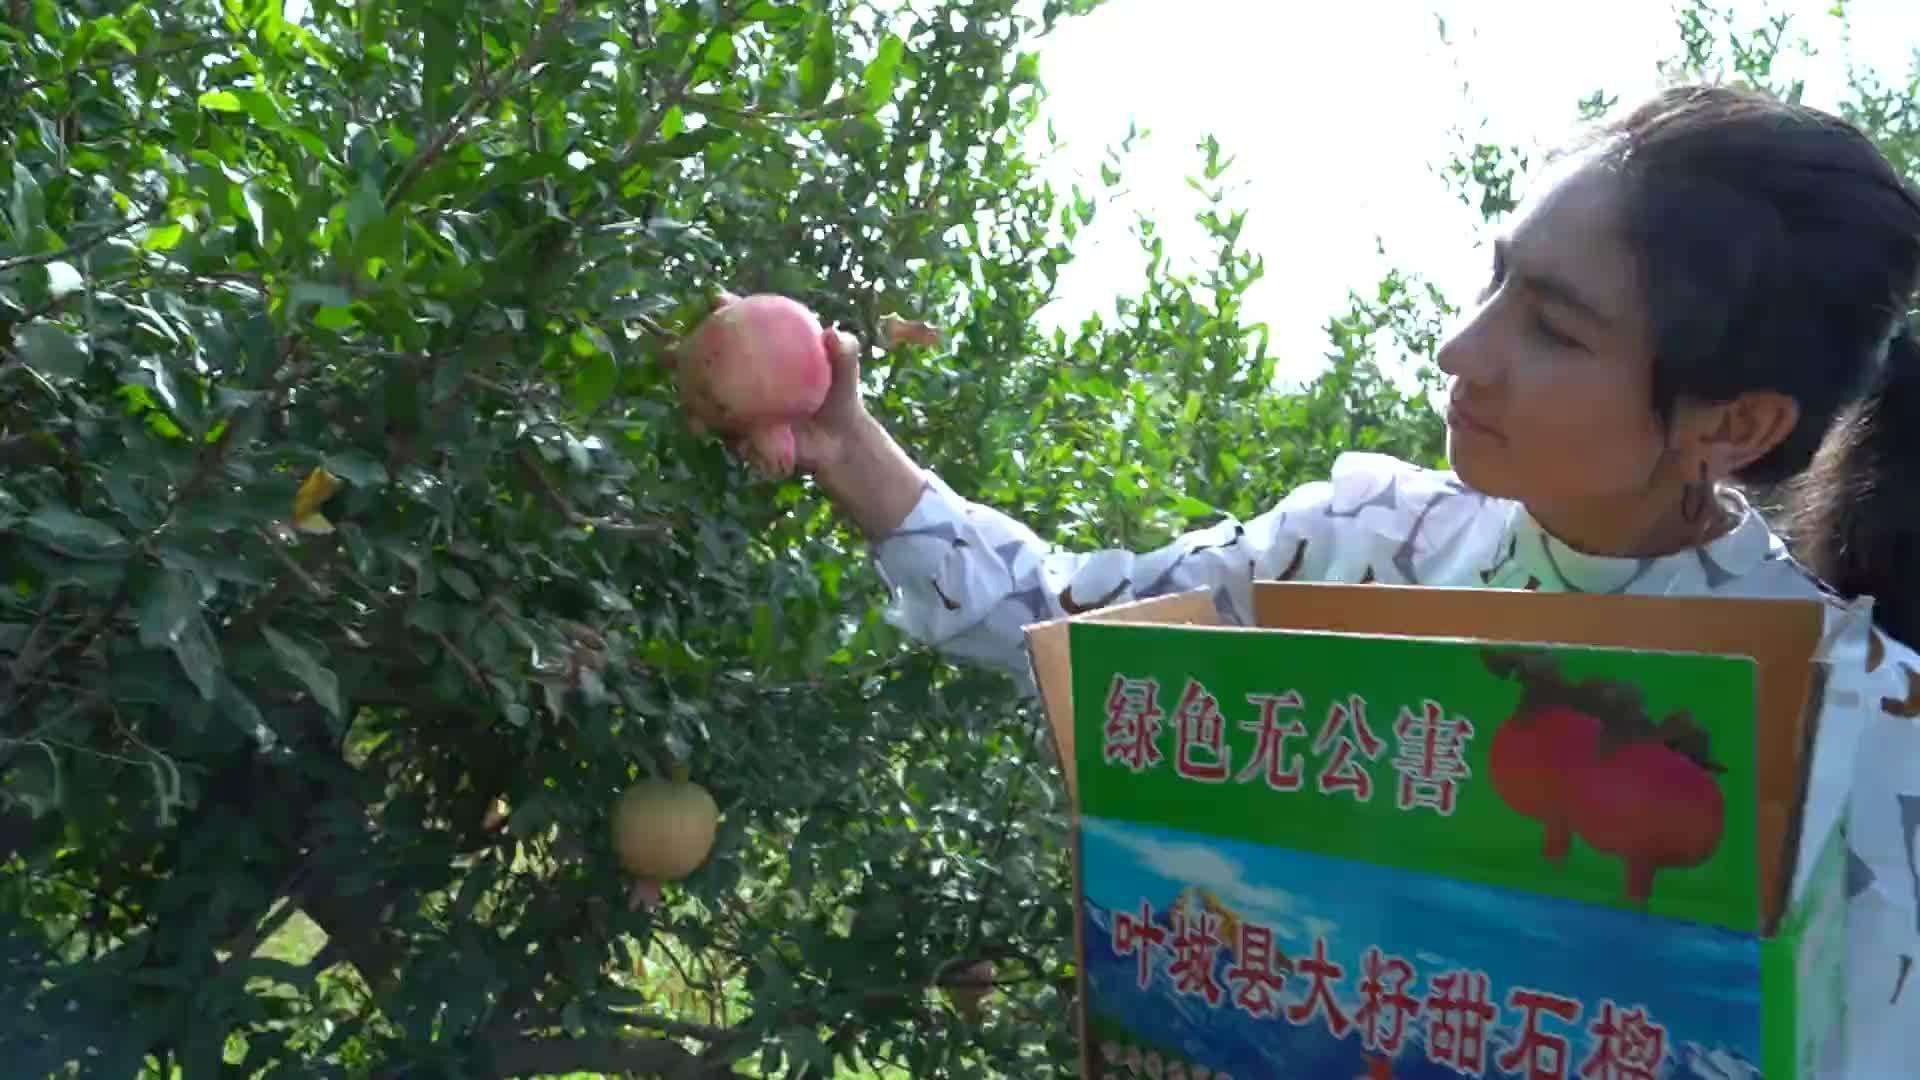 《我在南疆丨饰品销售的园丁生活》饰品销售员努尔古丽……